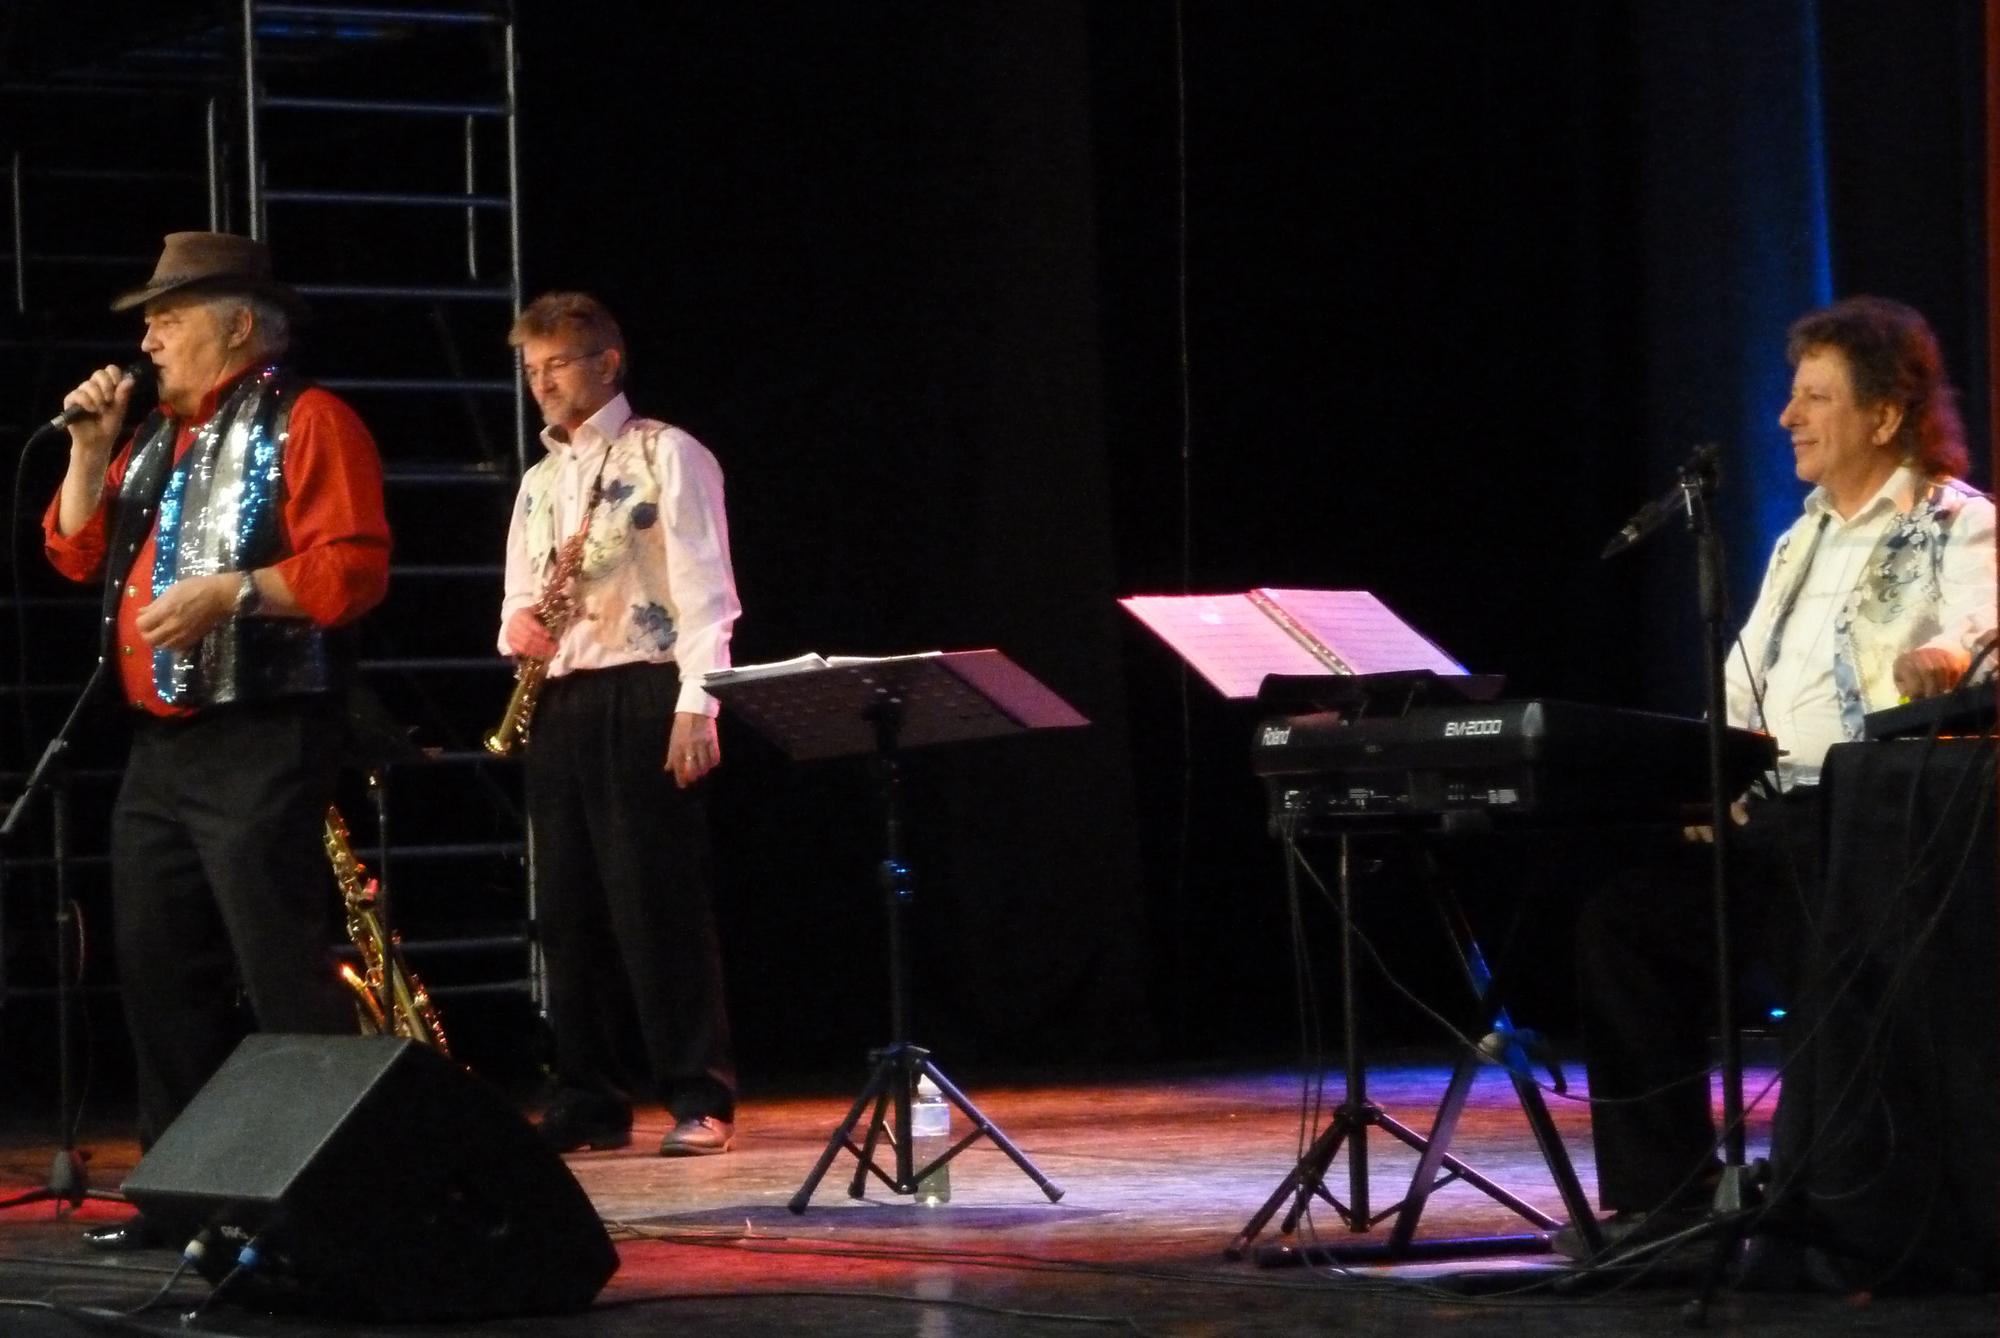 4b--23-janvier-2015-VILLABE-91-Orchestre-de-variété-au-Centre-culturel